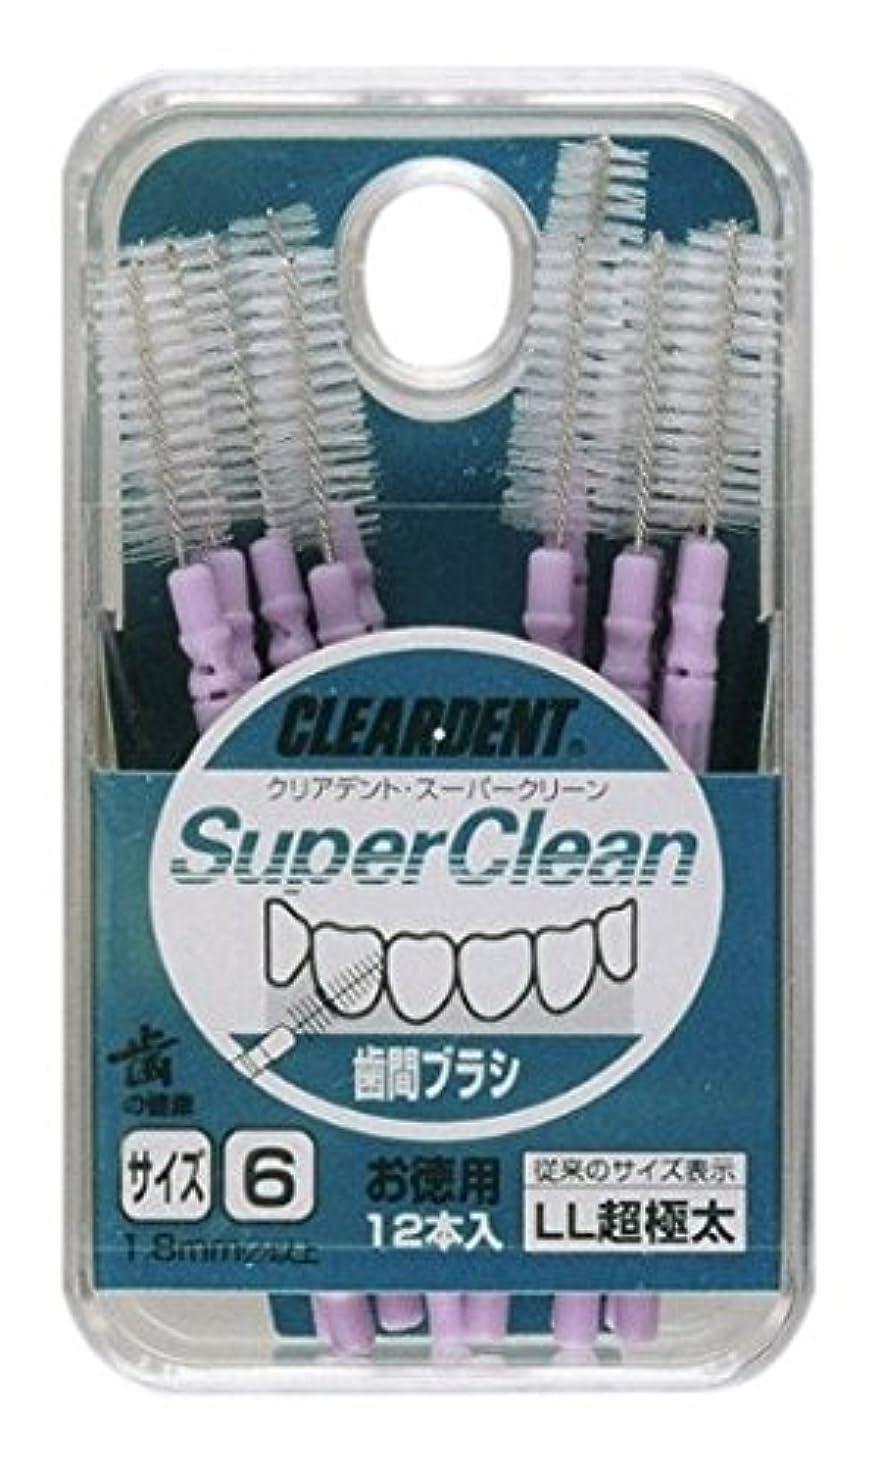 サービス最小化するウィンククリアデント 歯間ブラシ(お徳用) サイズ6 LL 超極太 12本入